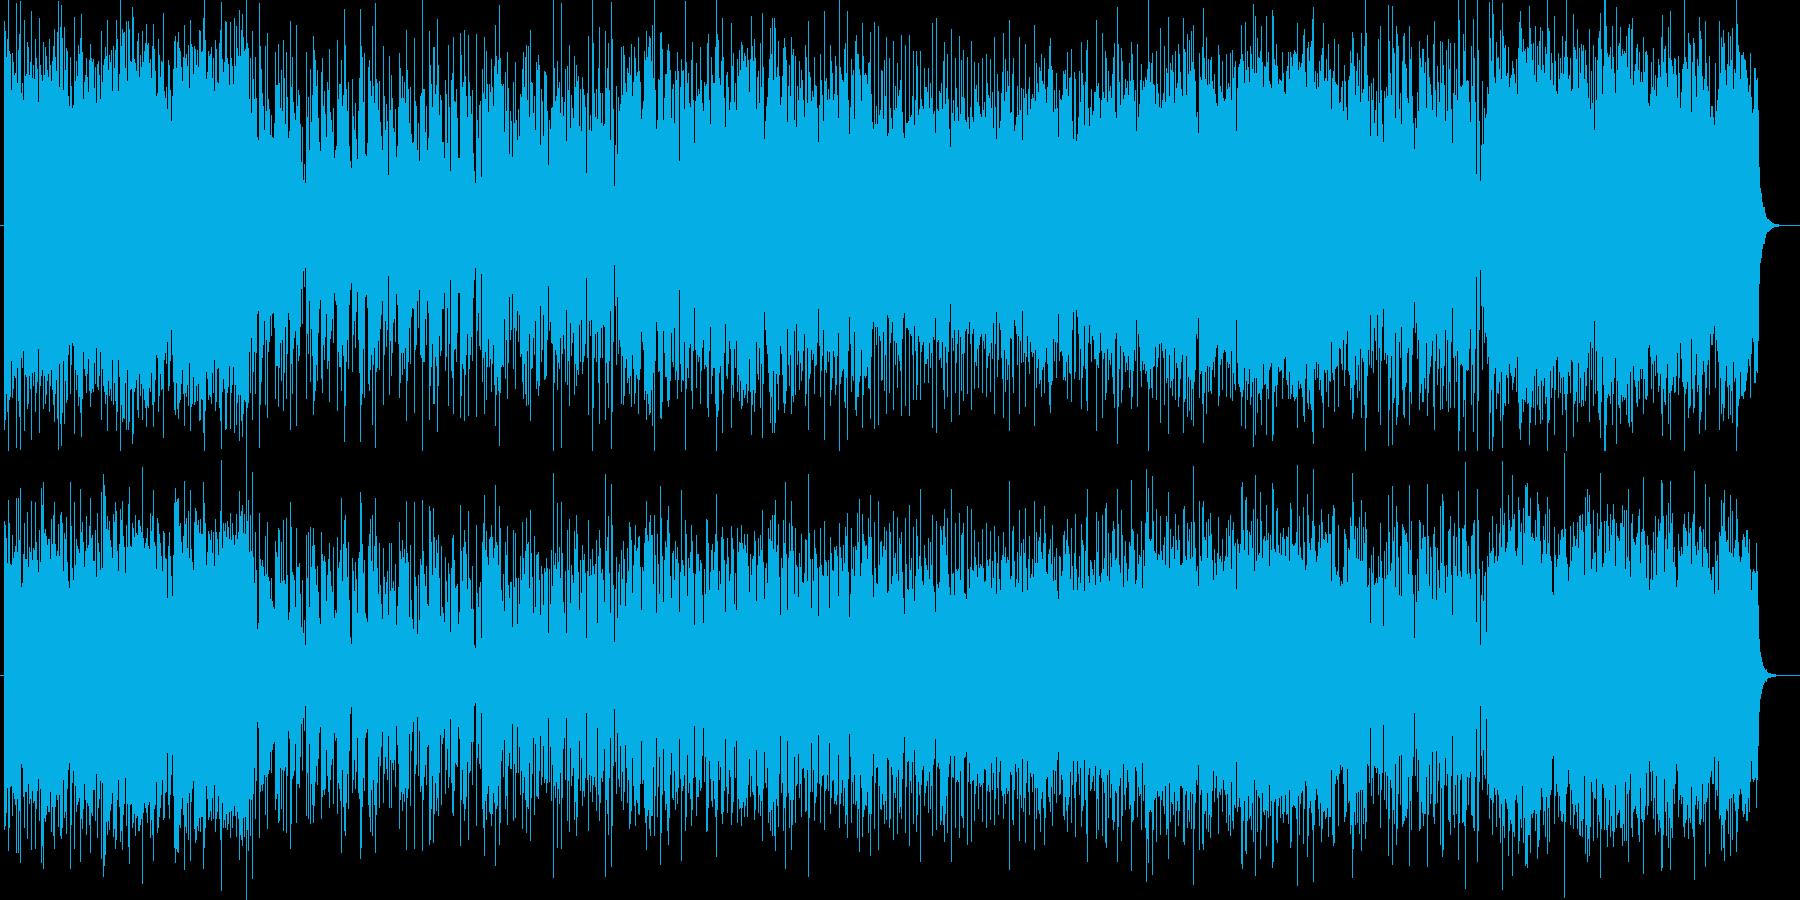 ブラスバンドによるオープニング曲の再生済みの波形